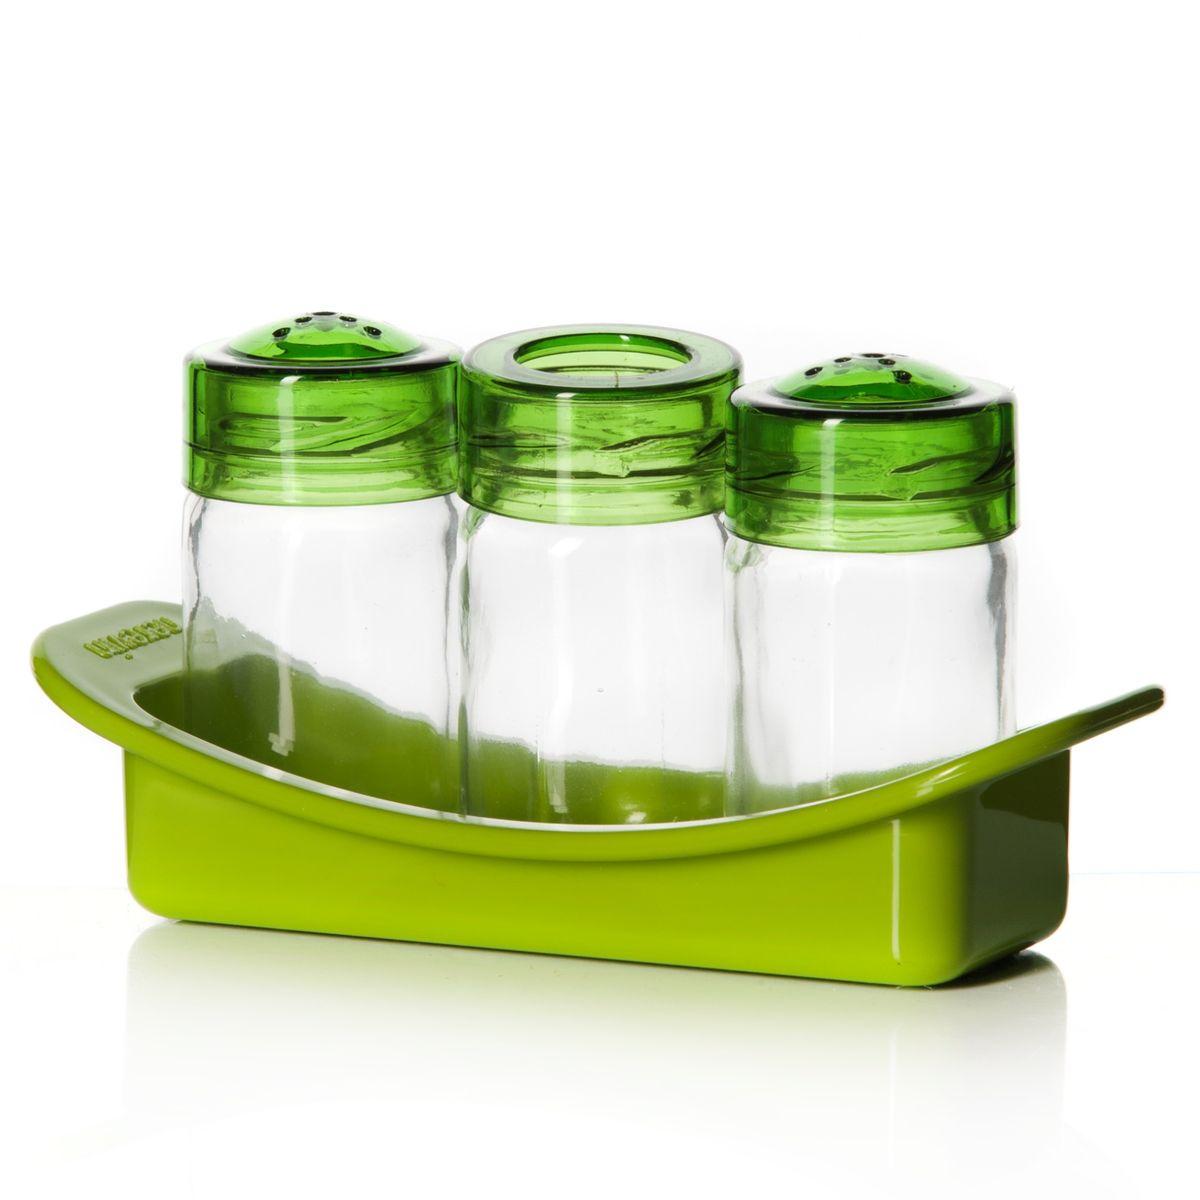 Набор для специй Herevin Venezia, цвет: зеленый, 4 предмета122060-102Набор для специй Herevin Venezia состоит из солонки, перечницы, емкости для зубочисток и подставки. Емкости выполнены из стекла, подставка и крышки изготовлены из пластика. Такой набор красиво и оригинально оформит ваш кухонный стол. Размер емкостей: 4 см х 4 см х 8 см. Размер подставки: 16,5 см х 6 см х 4 см.